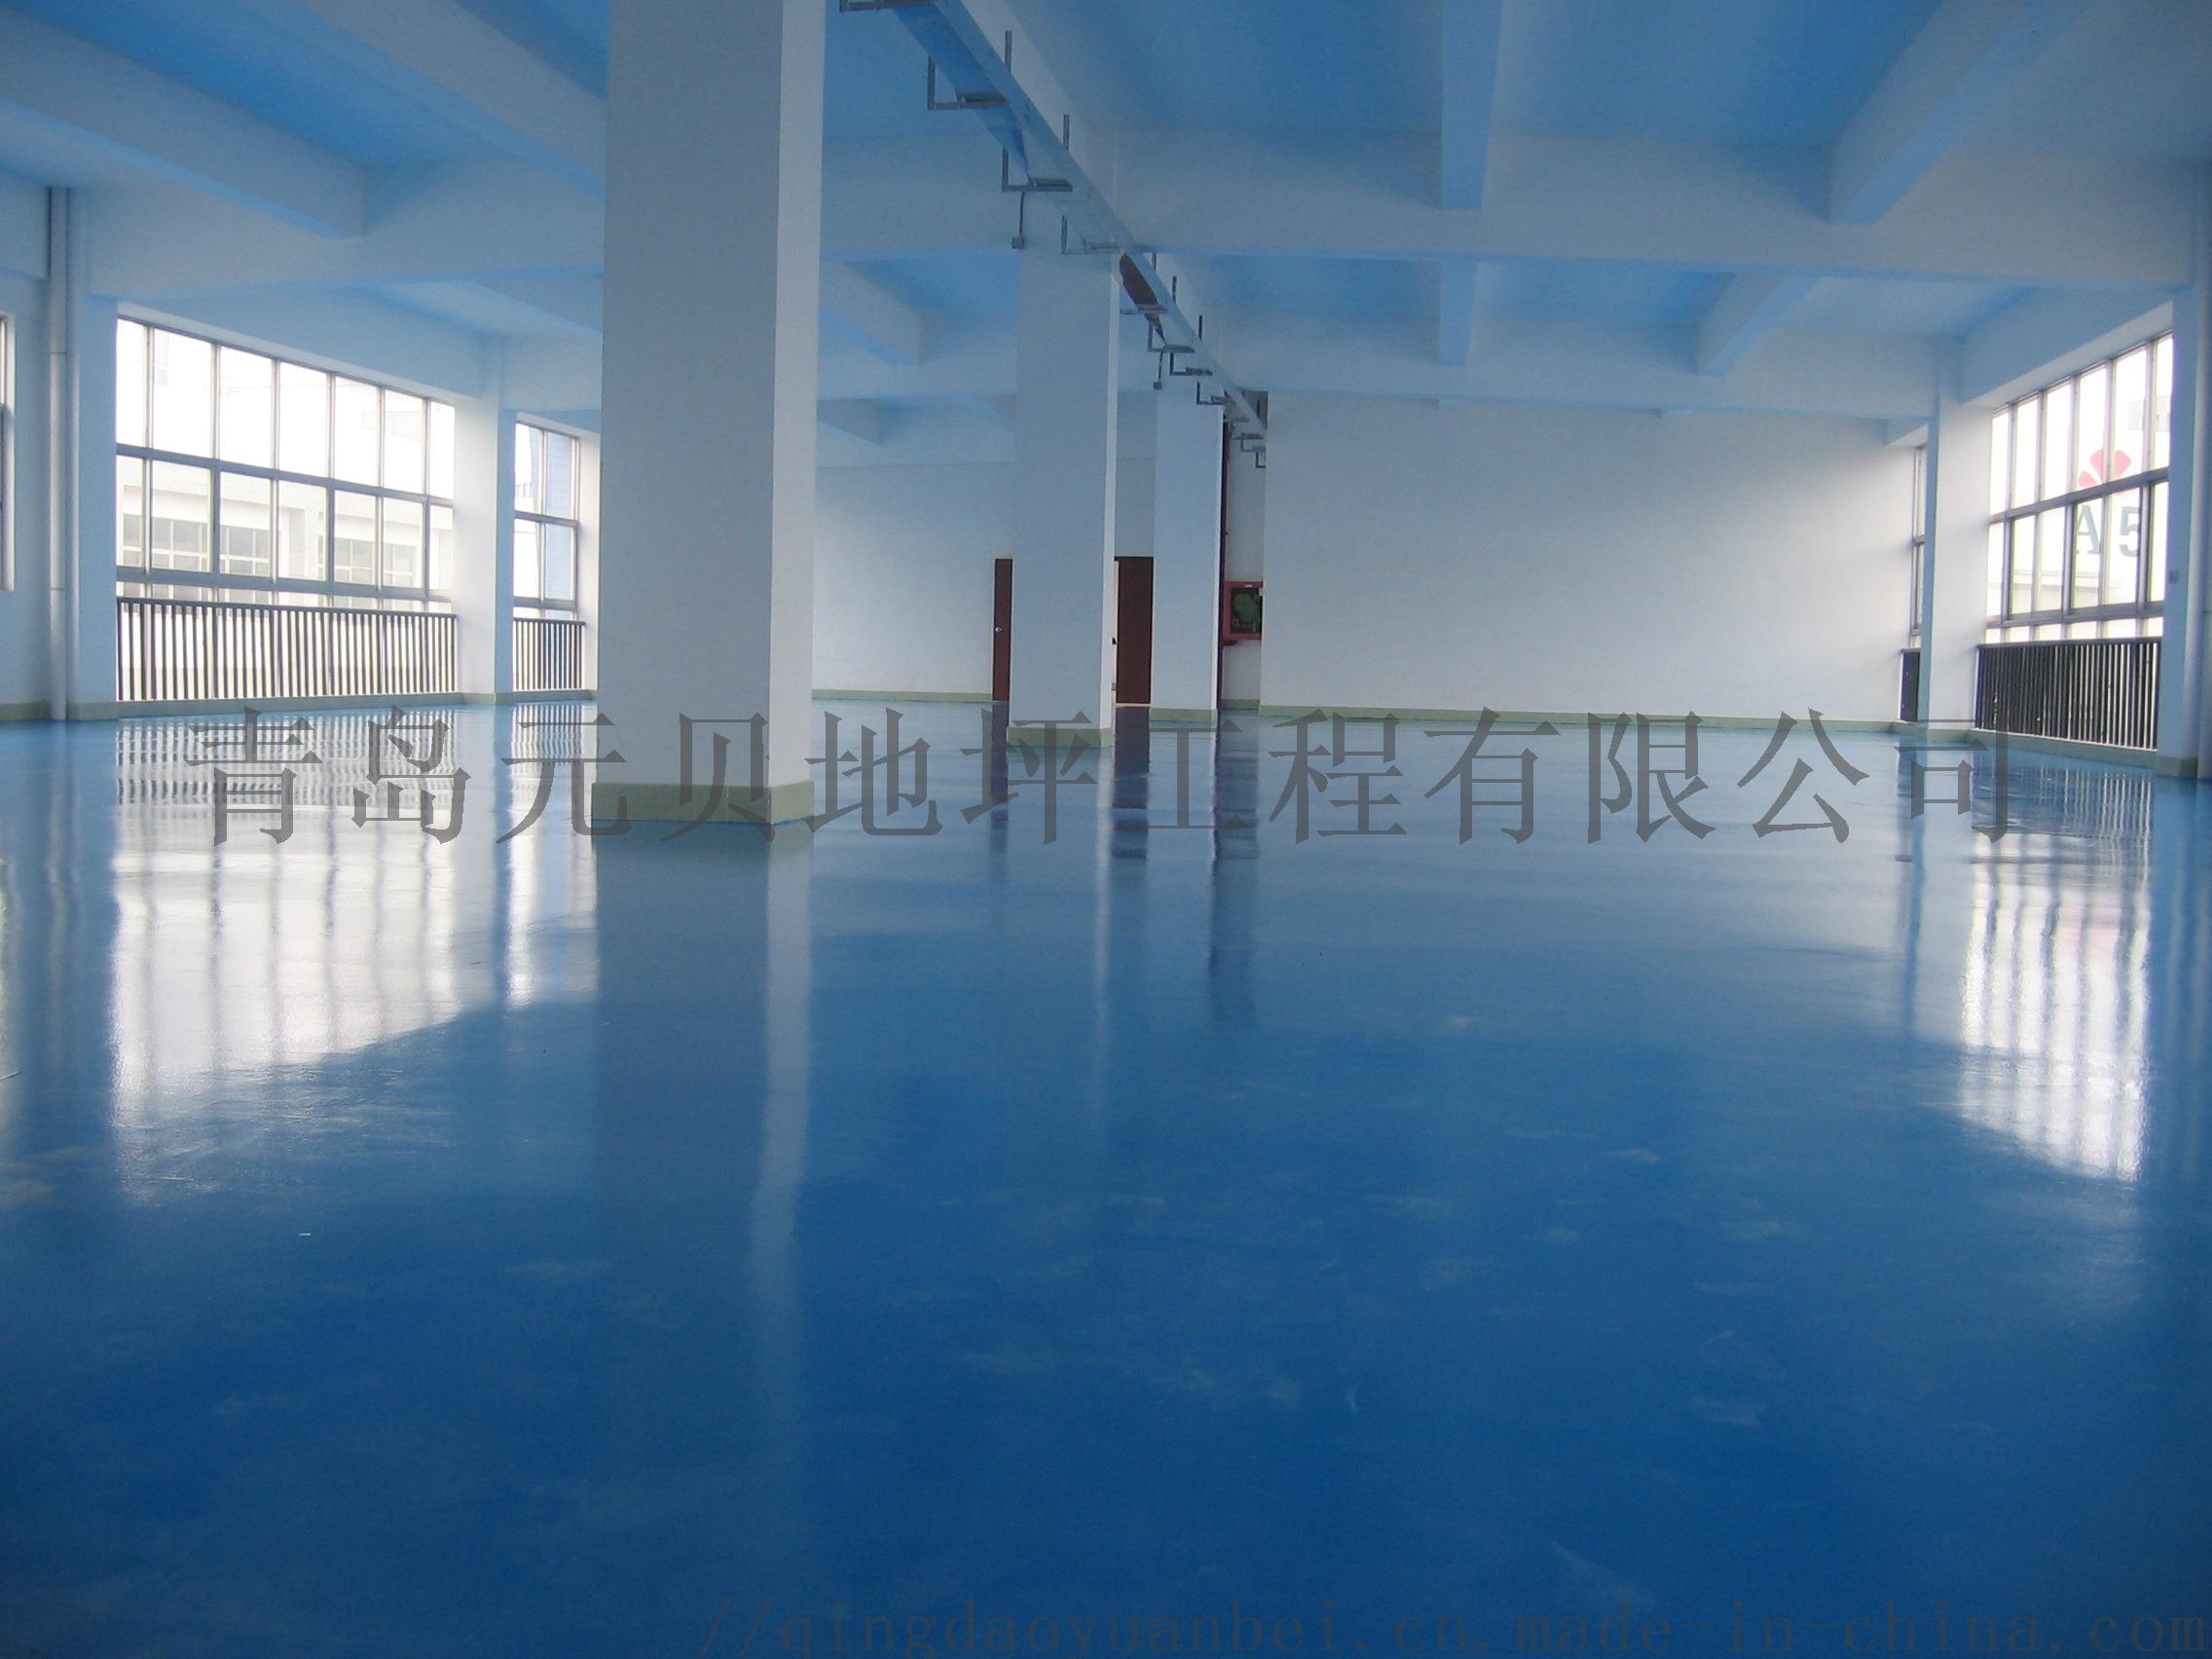 山东青岛城阳厂房旧地面起沙起尘起灰的处理方法836881442